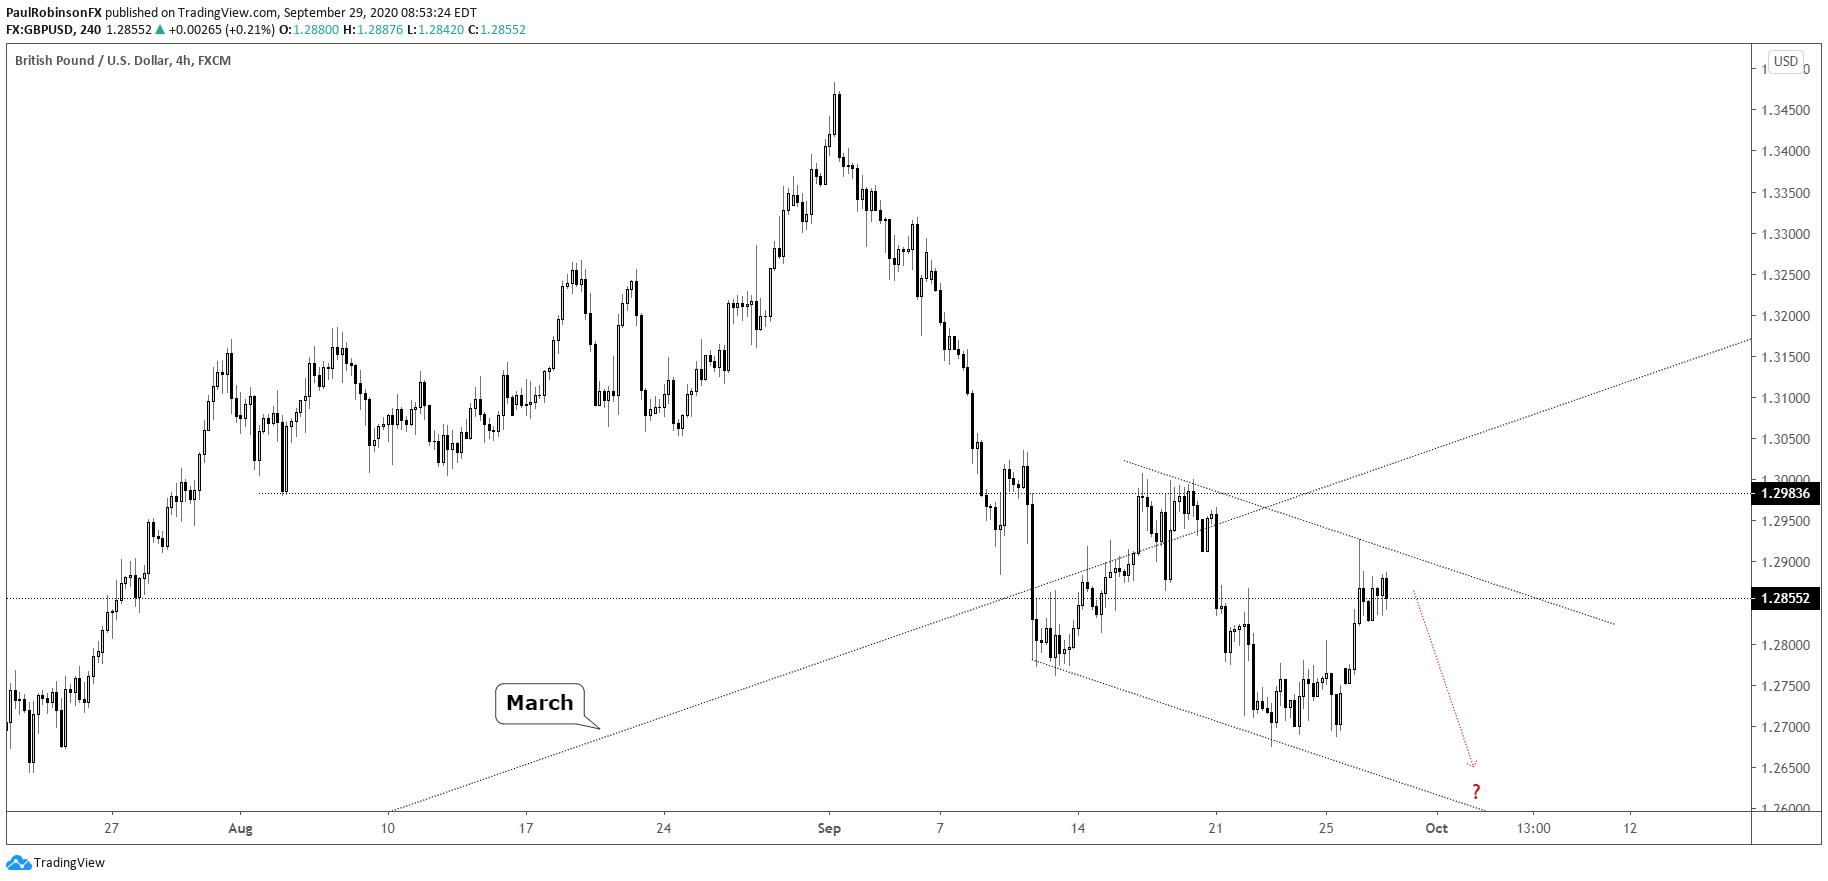 英鎊/美元、英鎊/日元、美元指數走勢分析